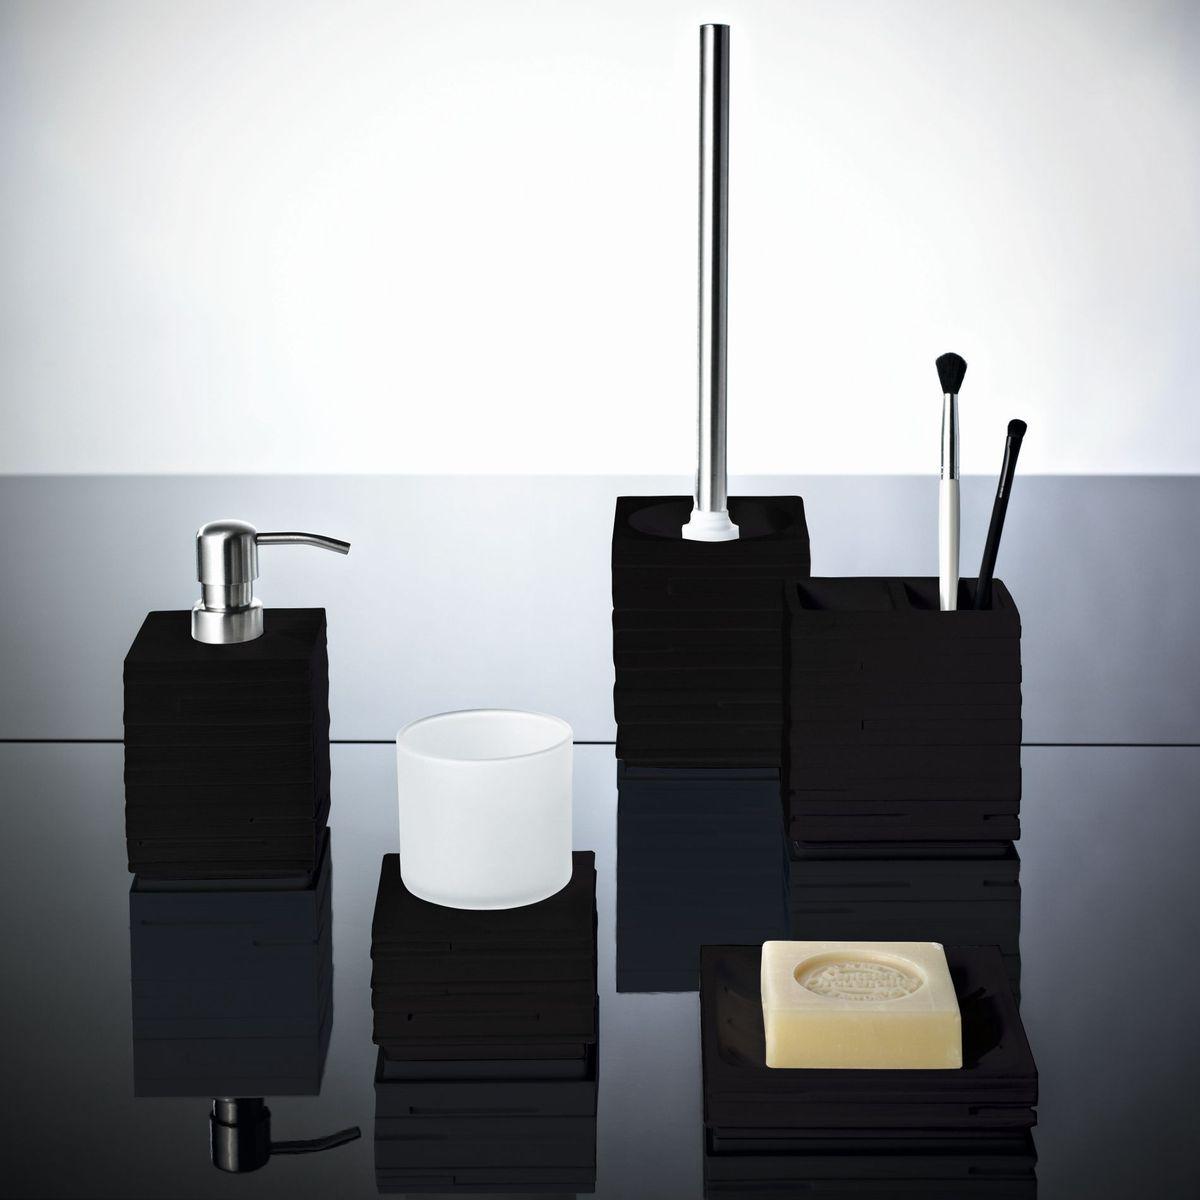 Изделия данной серии устойчивы к ультрафиолету, т.к. изготавливаются из полирезина.  Экологичный полирезин - это твердый многокомпонентный материал на основе синтетической смолы, с добавлением каменной крошки и красящих пигментов.